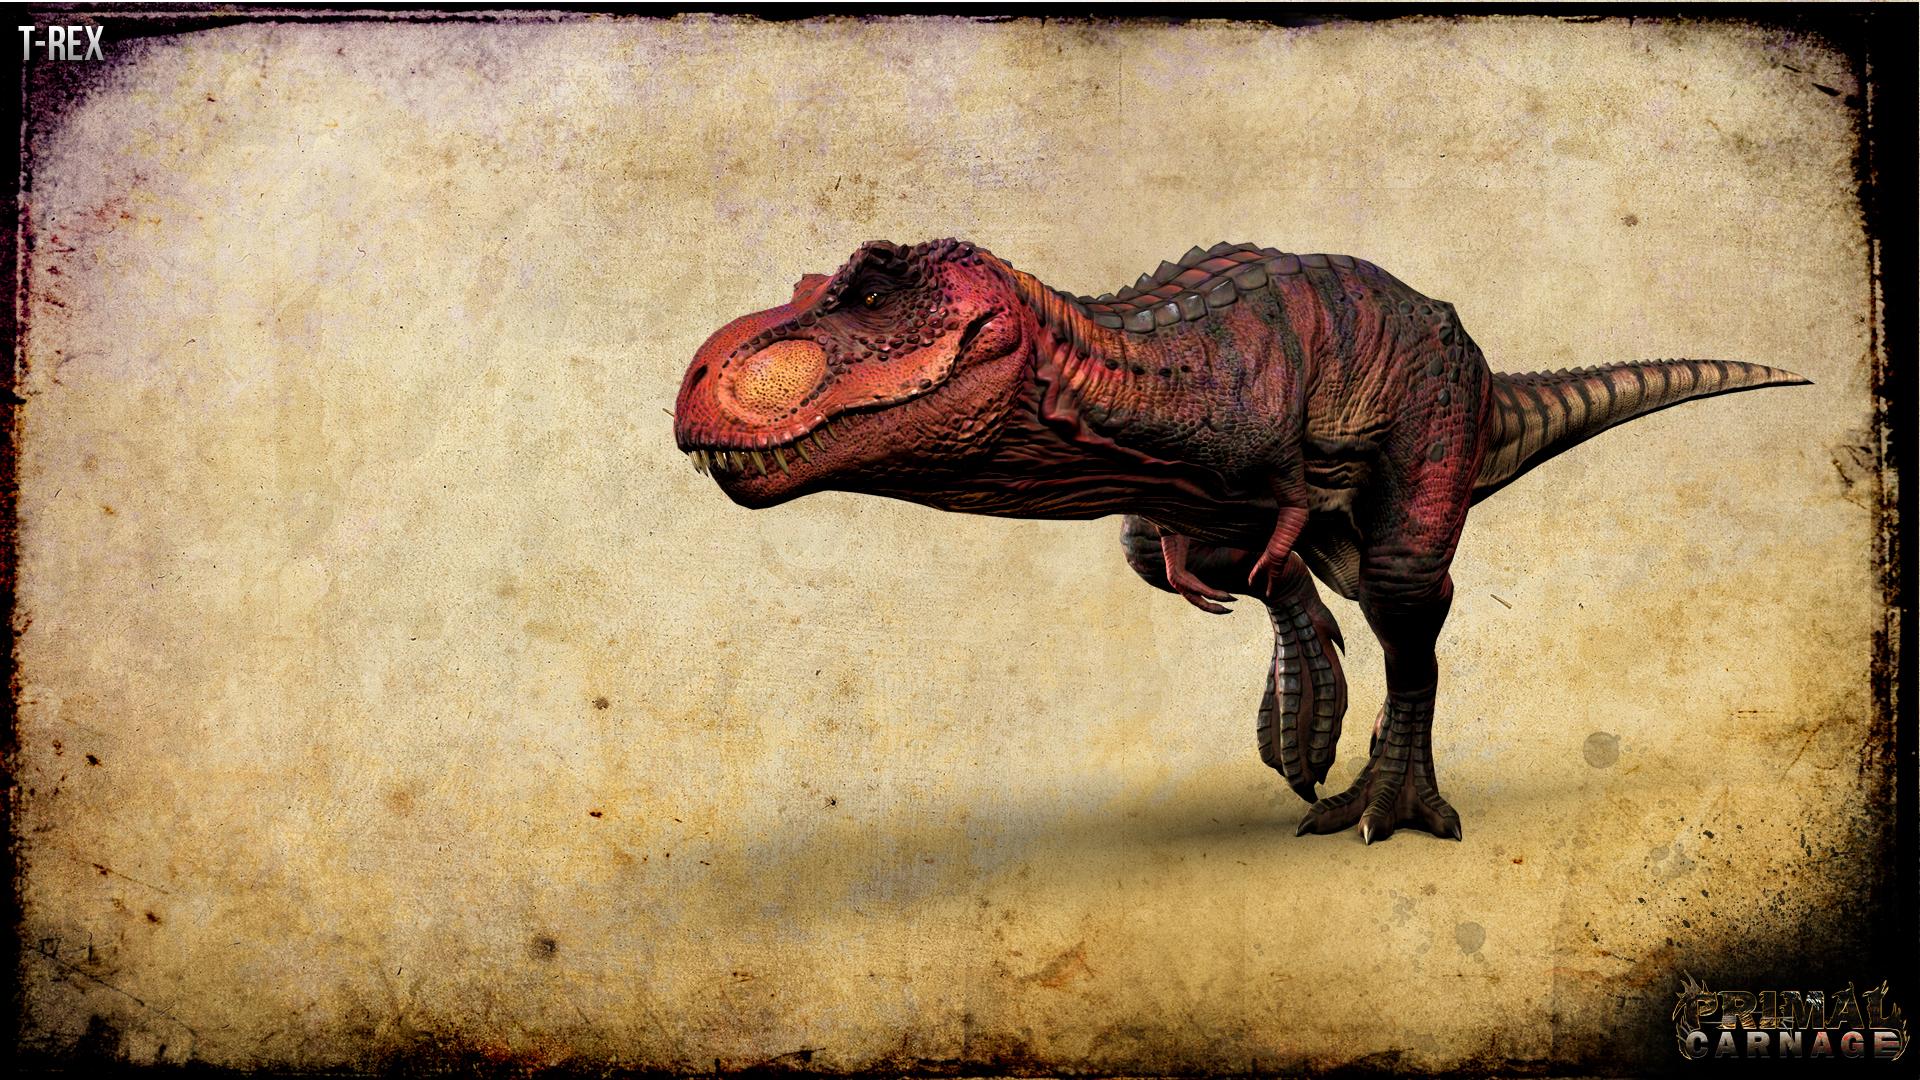 T Rex Wallpaper image   Primal Carnage   Mod DB 1920x1080